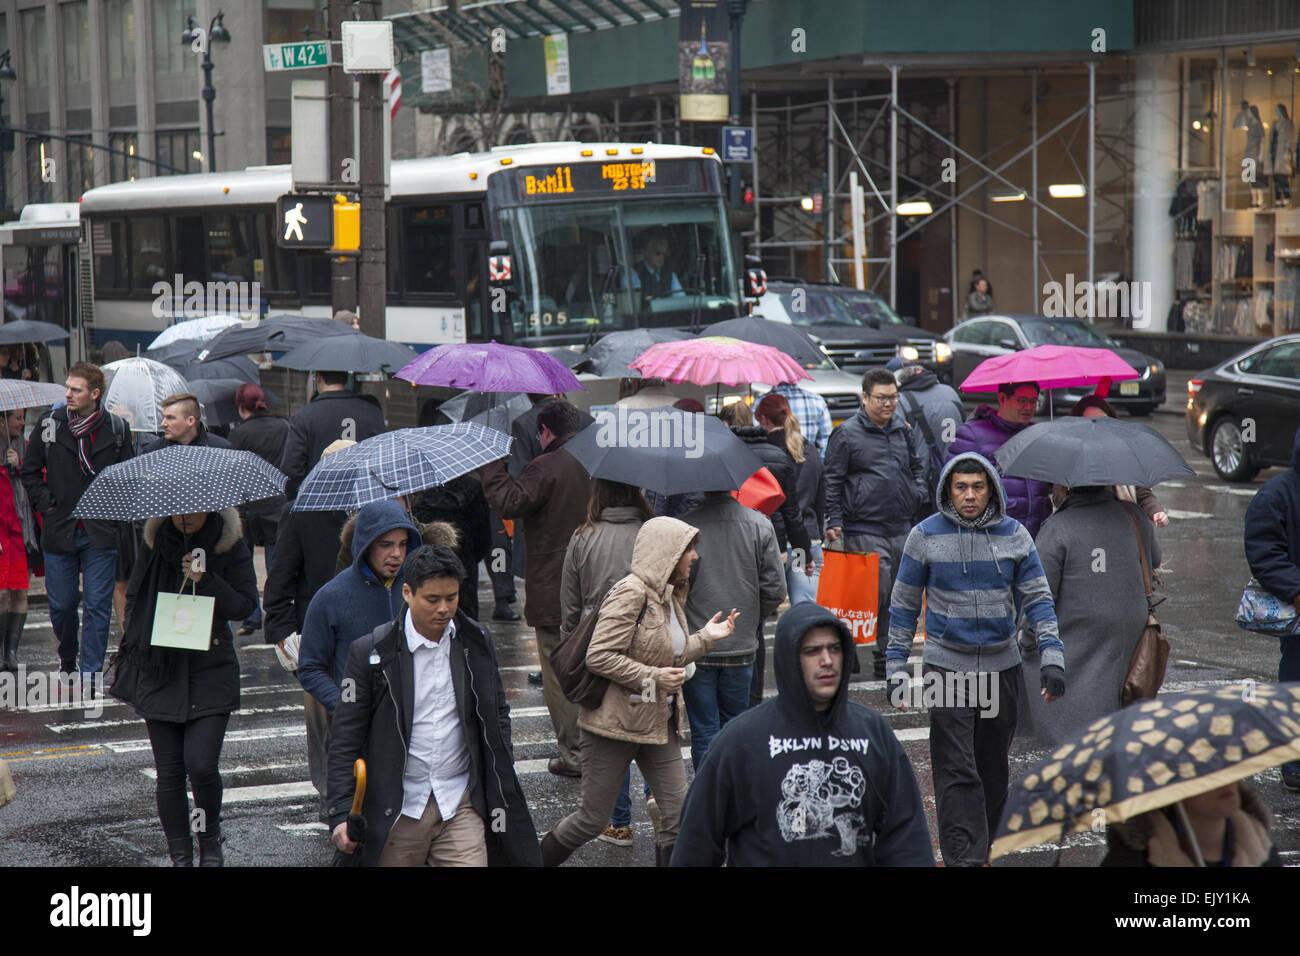 Die Straße bleibt an einem regnerischen Tag in Midtown Manhattan mit Sonnenschirmen, beschäftigt. Stockbild